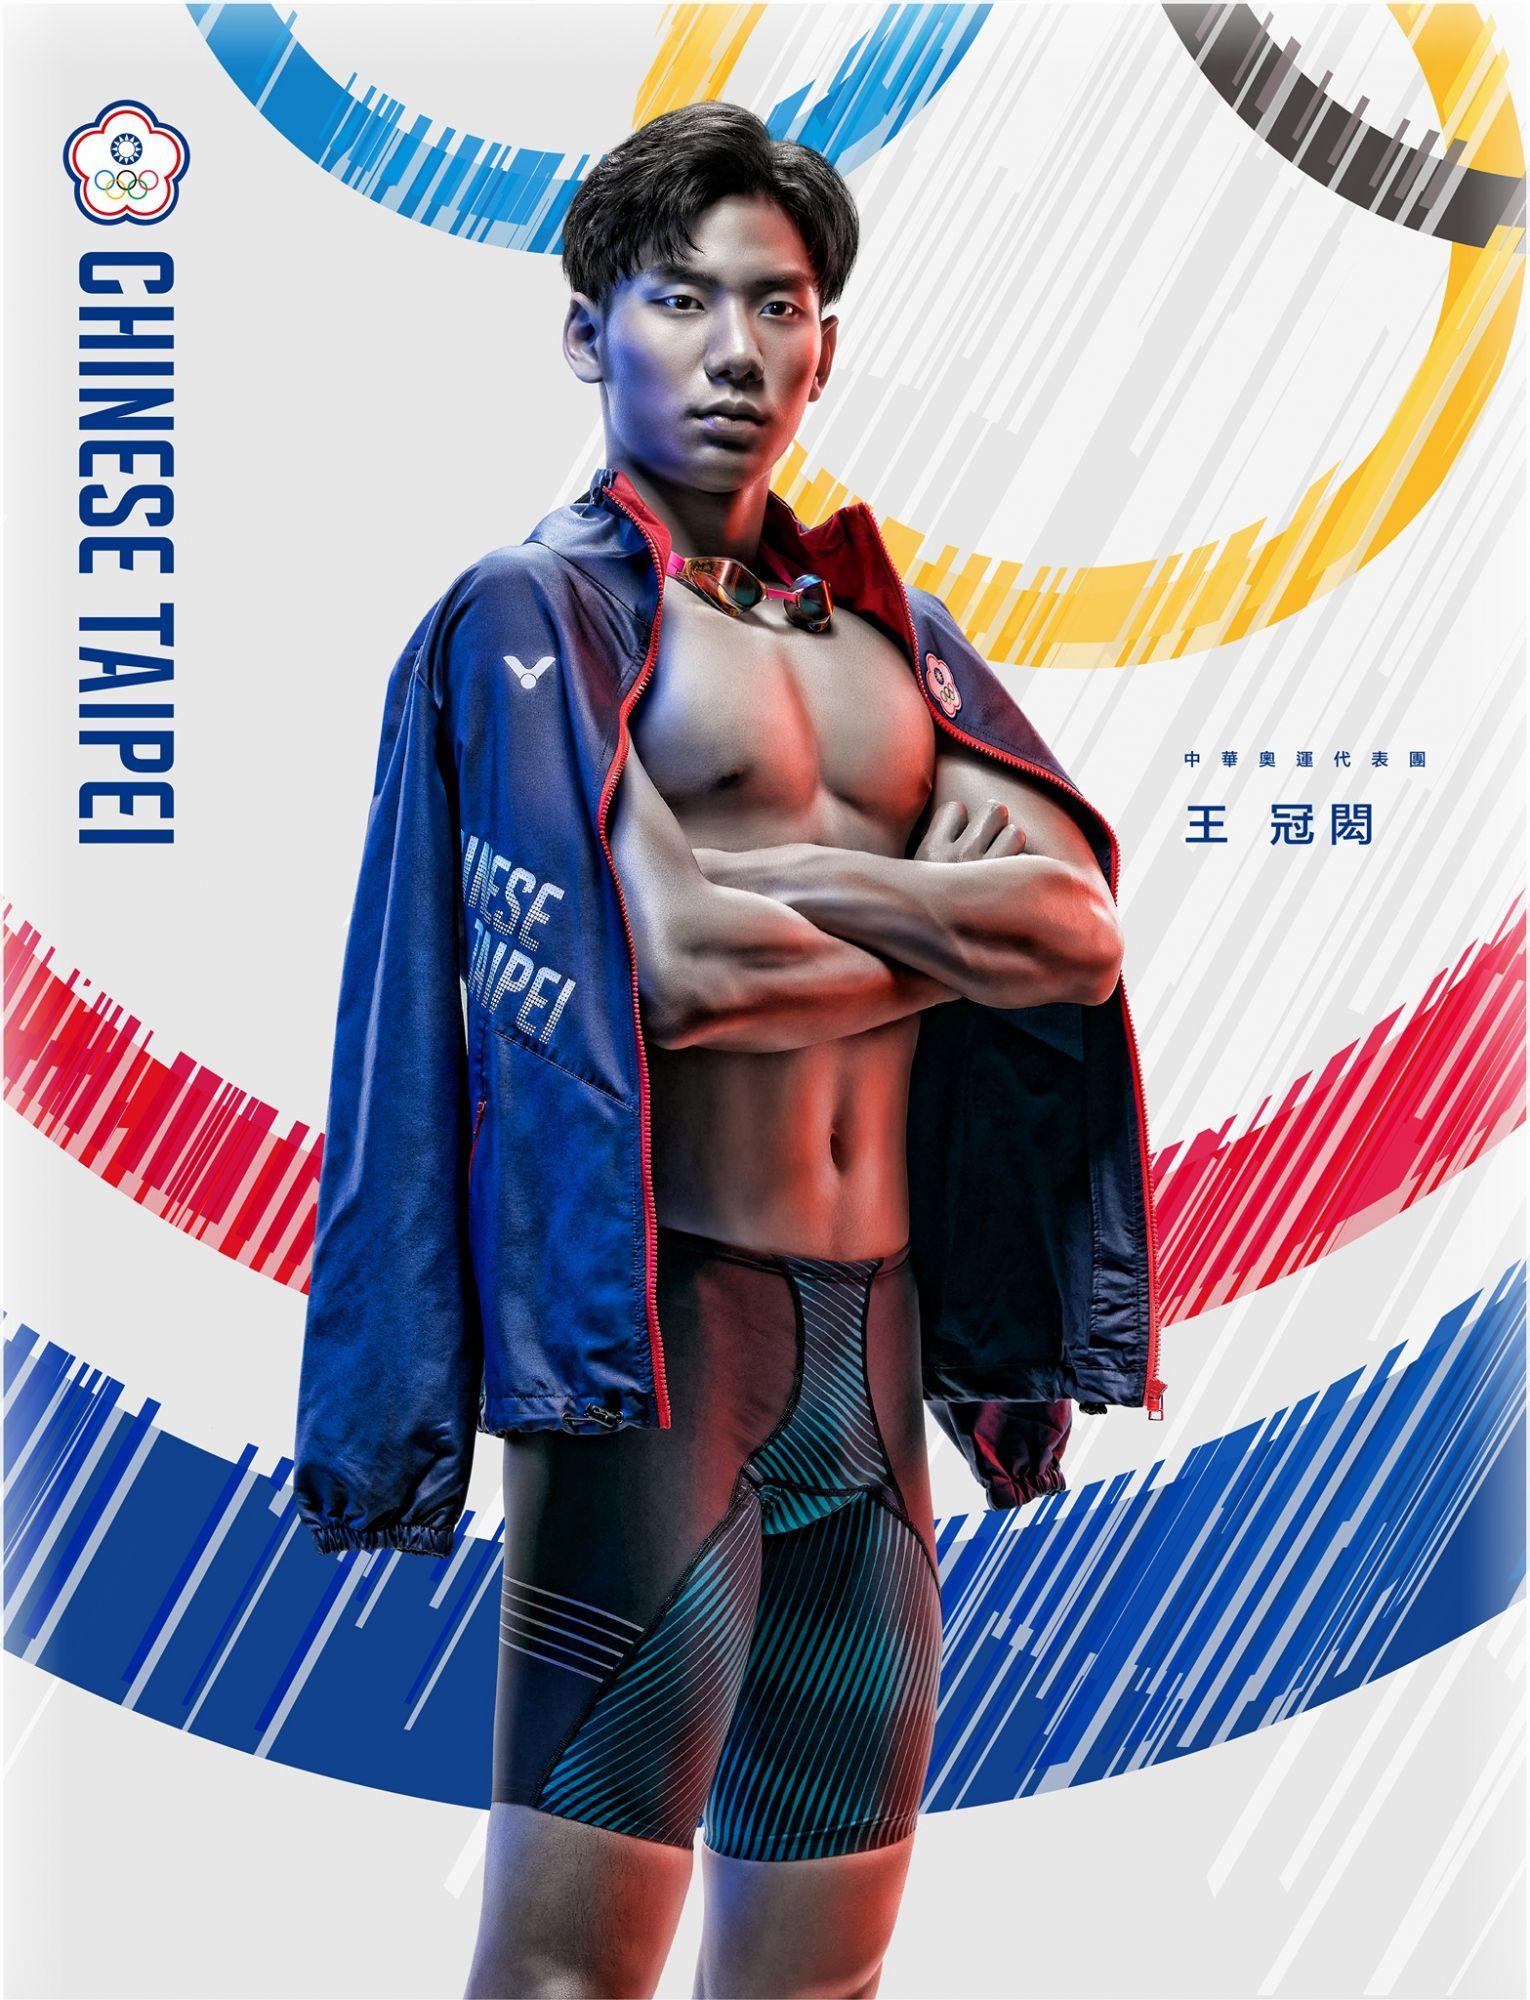 王冠閎。(圖片來源/中華奧會 Chinese Taipei Olympic Committee@Facebook)